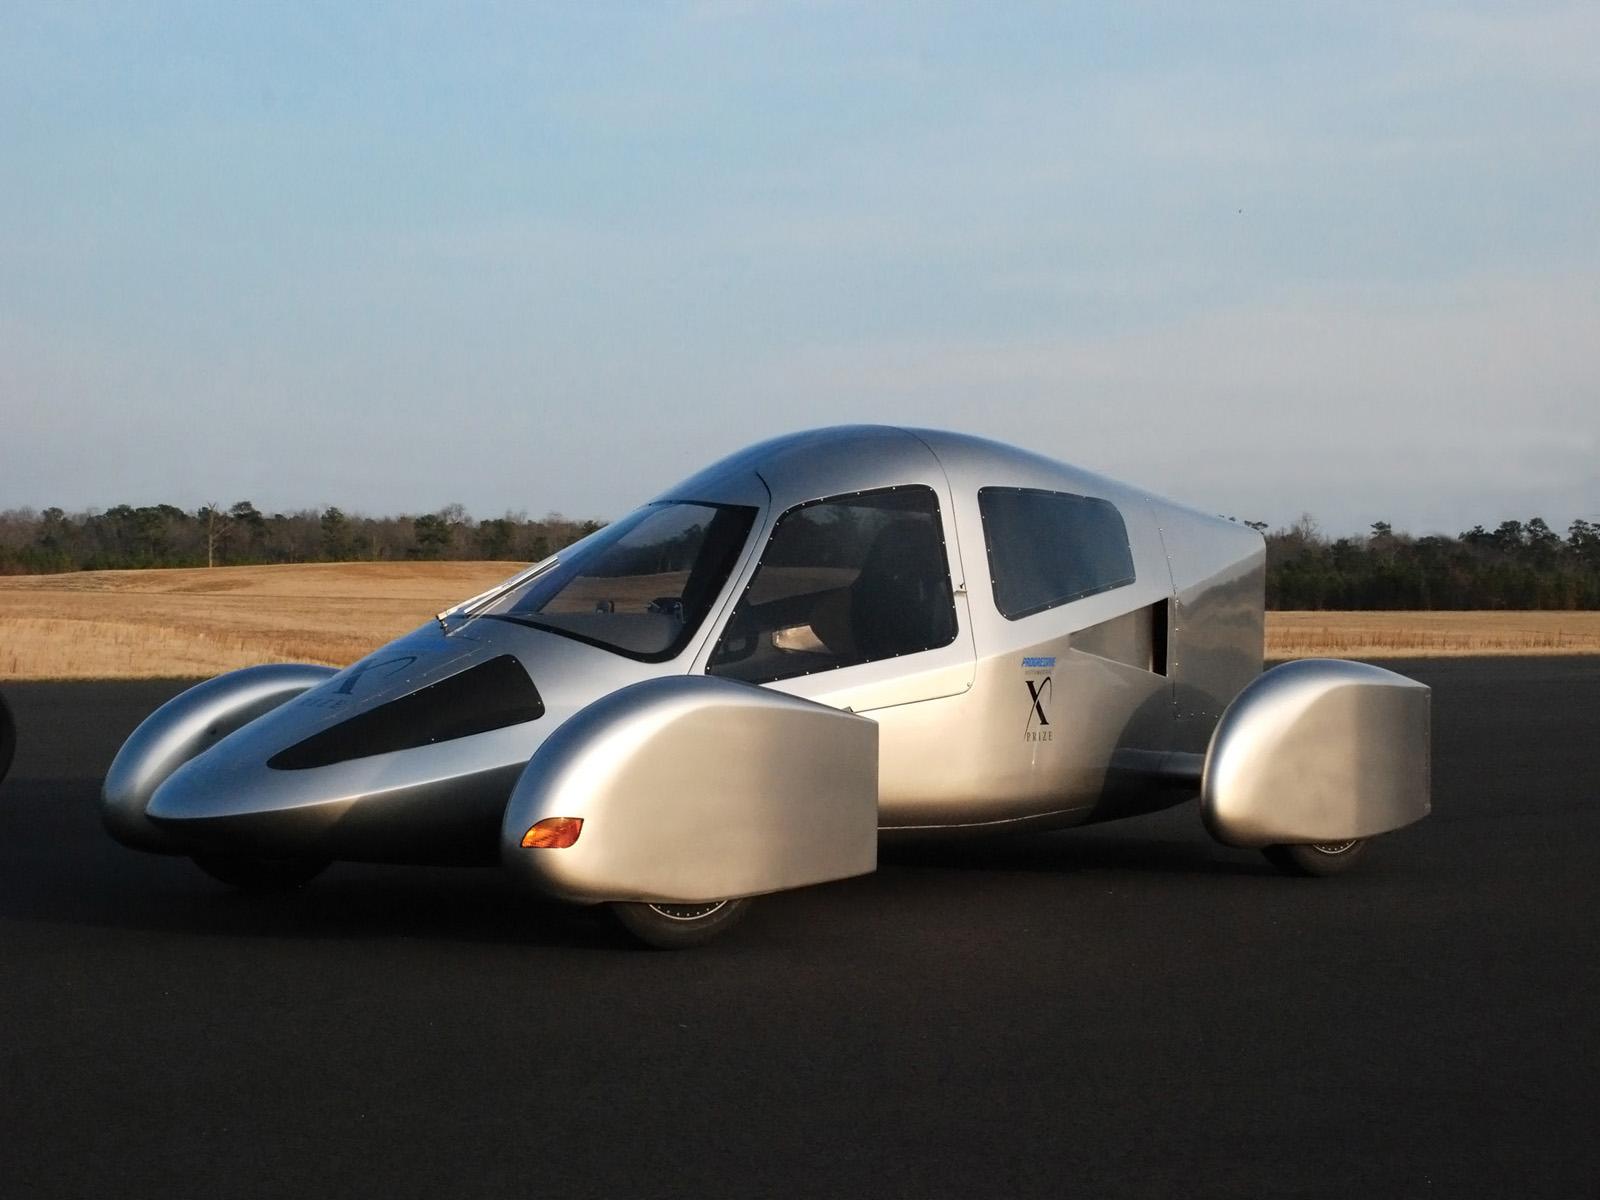 роскошь вот самые легкие автомобили картинки считается